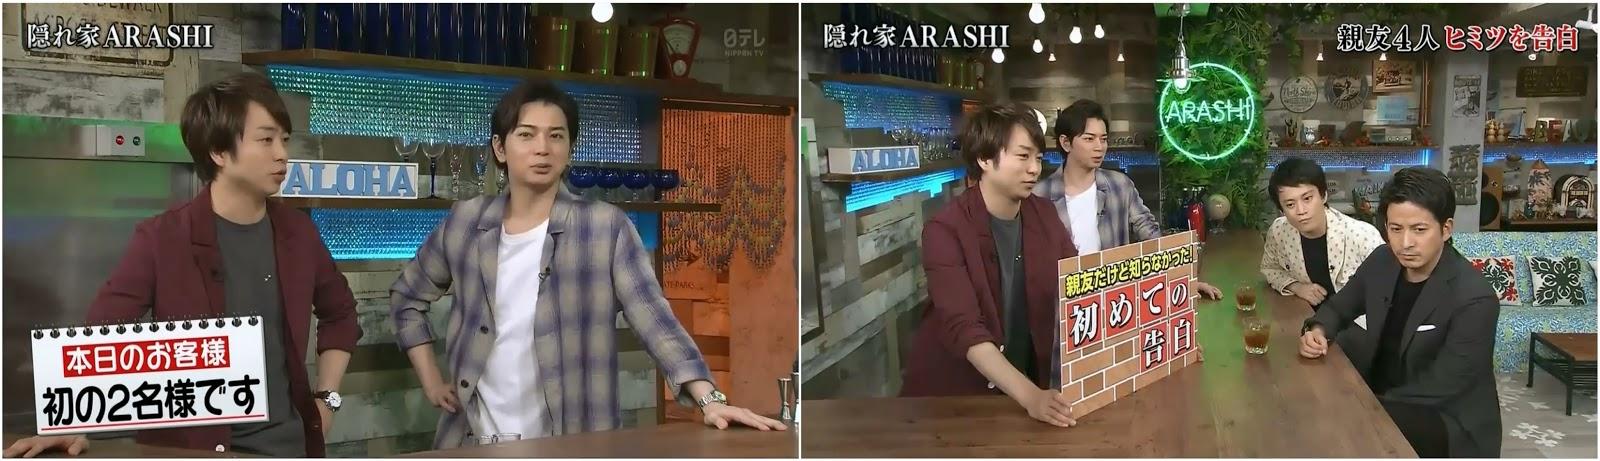 arashi ni shiyagare oguri shun eng sub